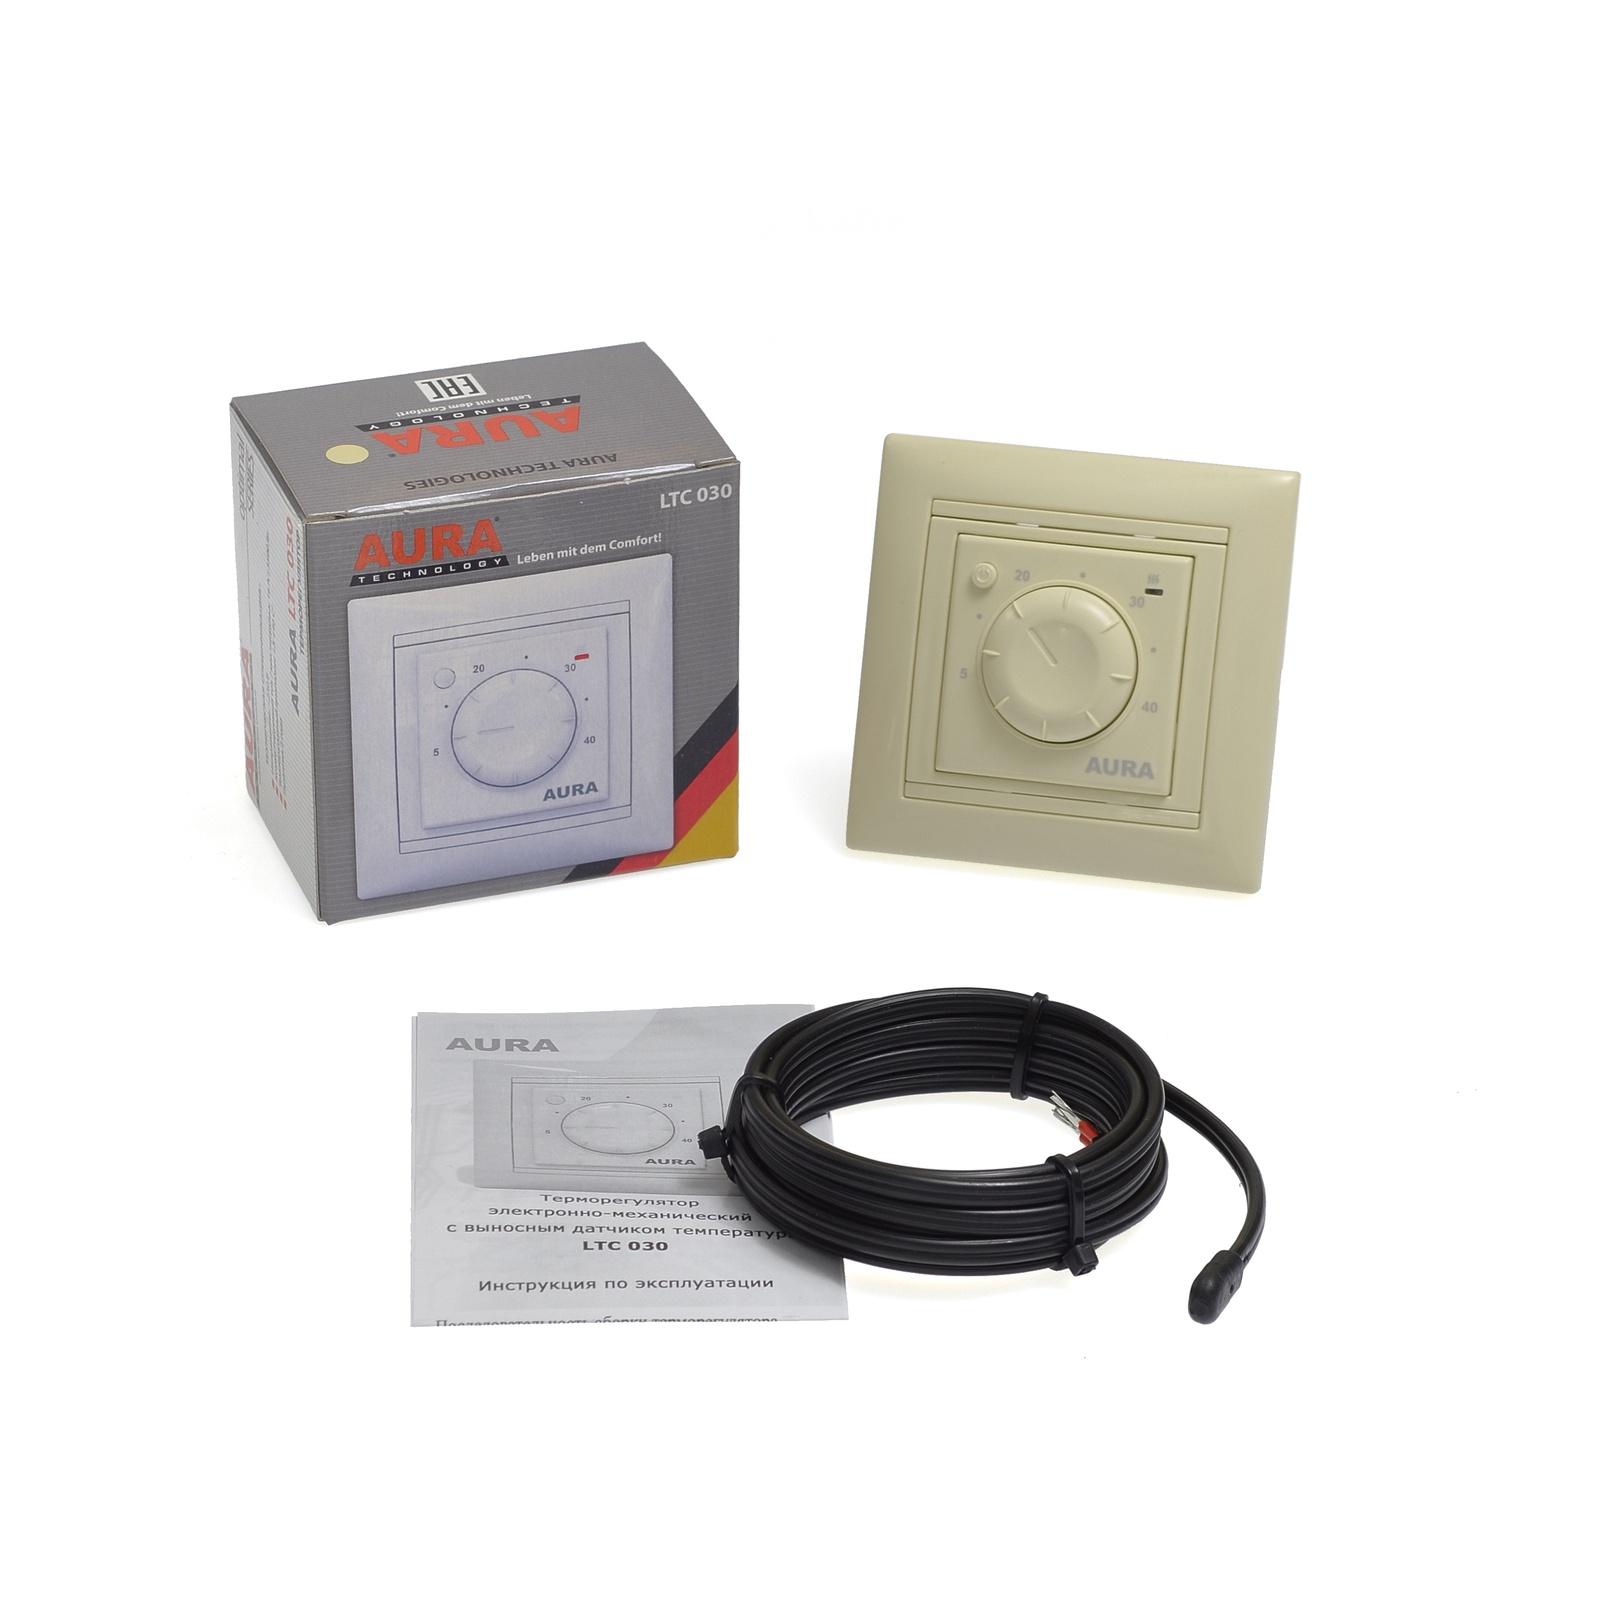 Регулятор теплого пола AURA LTC 030 крем, 3202030 цена